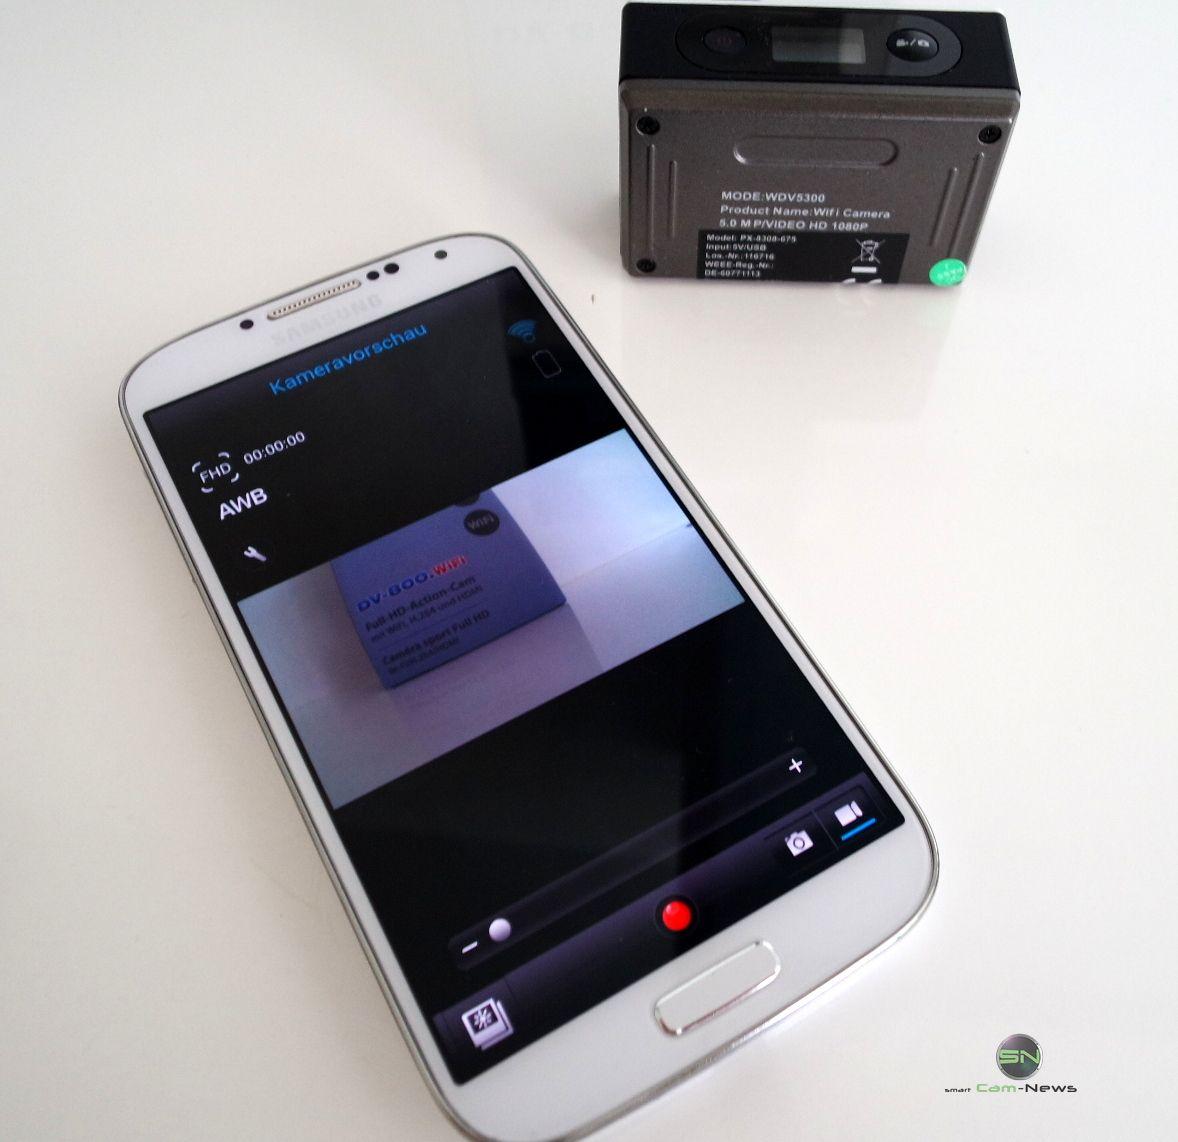 Verhüten Mit Dem Smartphone: Somikon DV-800.Wifi Beim Bungee Jump